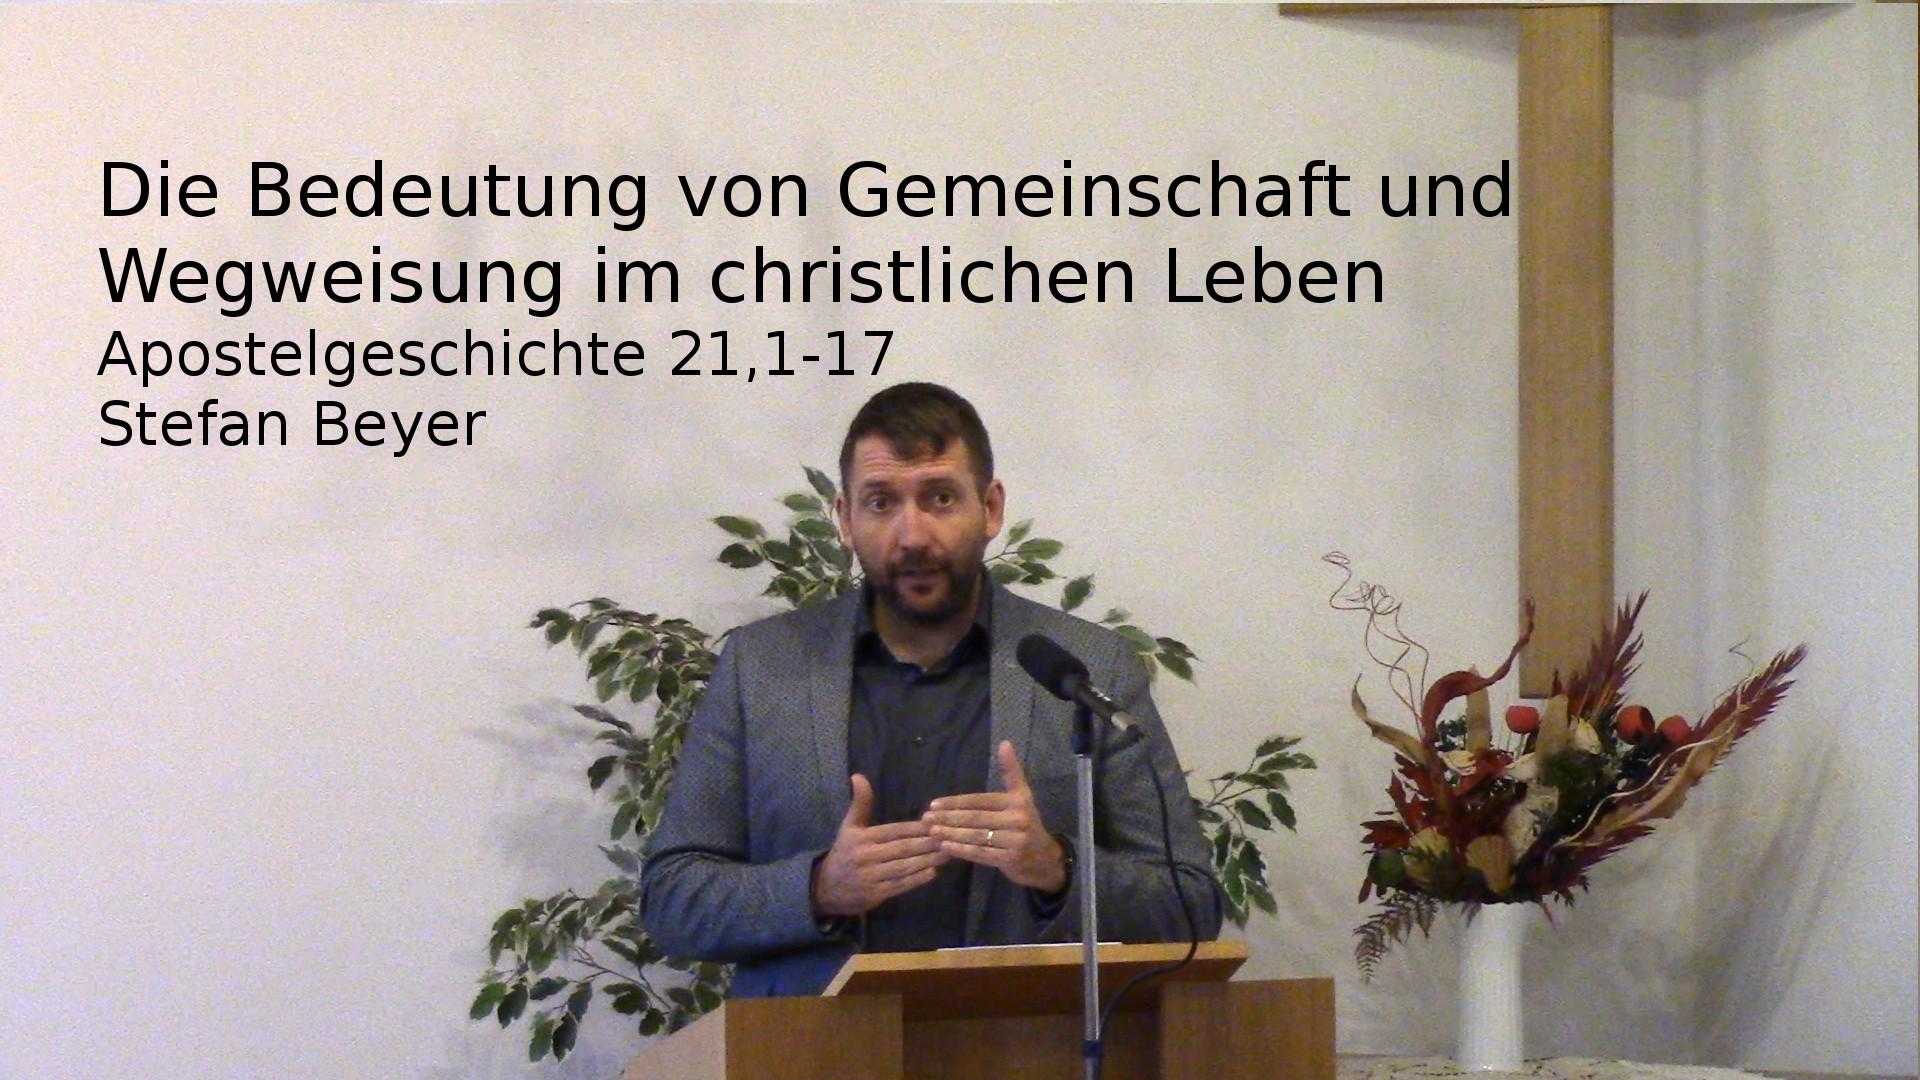 Die Bedeutung von Gemeinschaft und Wegweisung im christlichen Leben